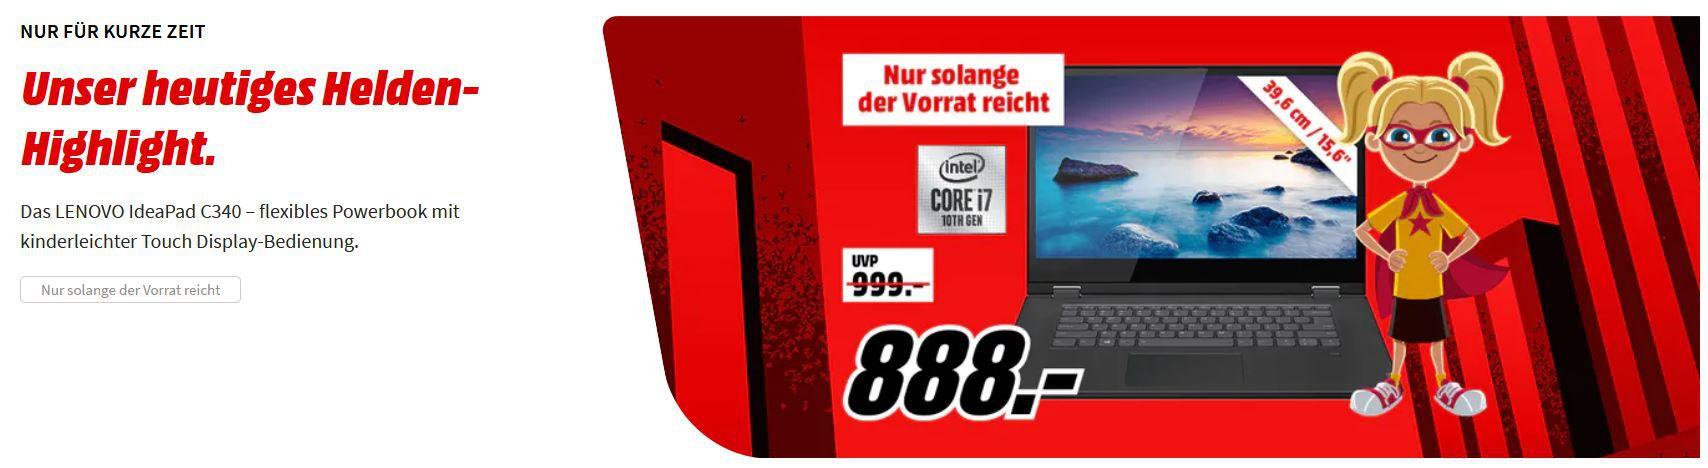 Media Markt Tageshighlight: LENOVO IdeaPad C340 15.6 Convertible  mit i7 für 888€ (statt 999€)